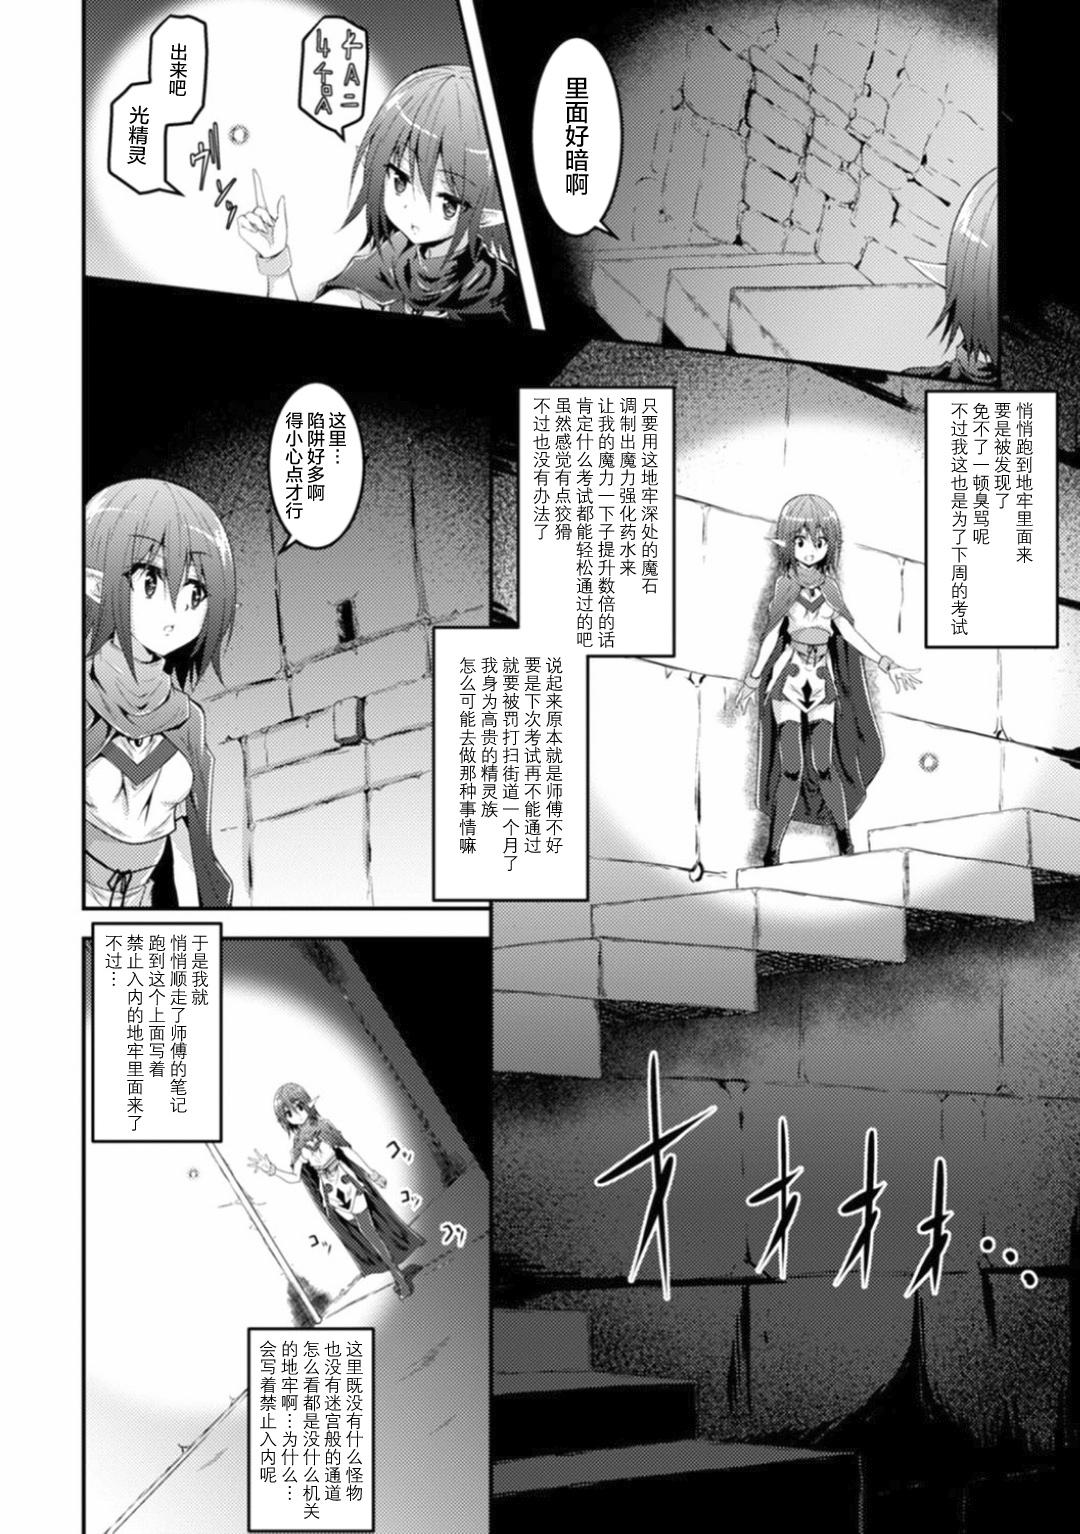 2D Comic Magazine Shokushu ni Kiseisareshi Otome no Karada Vol. 1 24